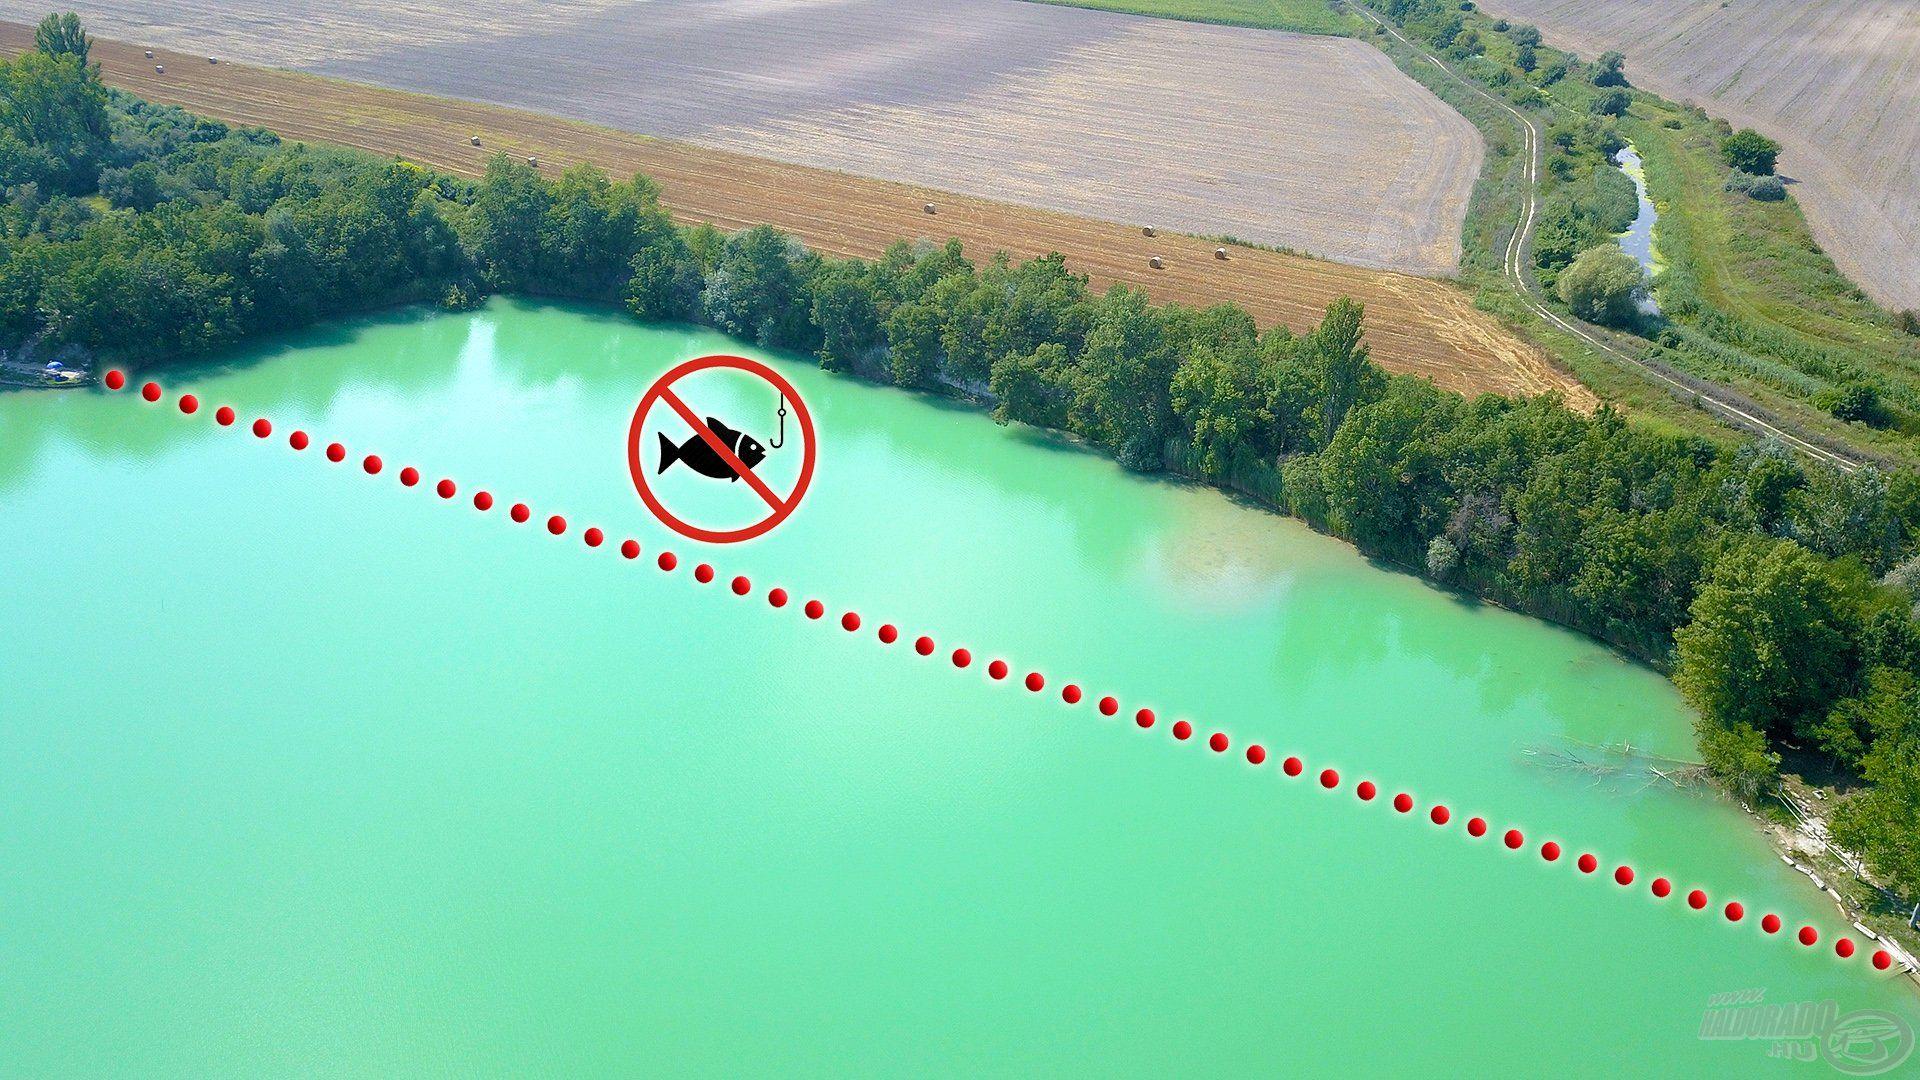 Ez a tó kíméleti, nyugalmi zónája, ahol szigorúan tilos a horgászat. Természetesen ezt mindkét szemközti parton egy tábla jelzi